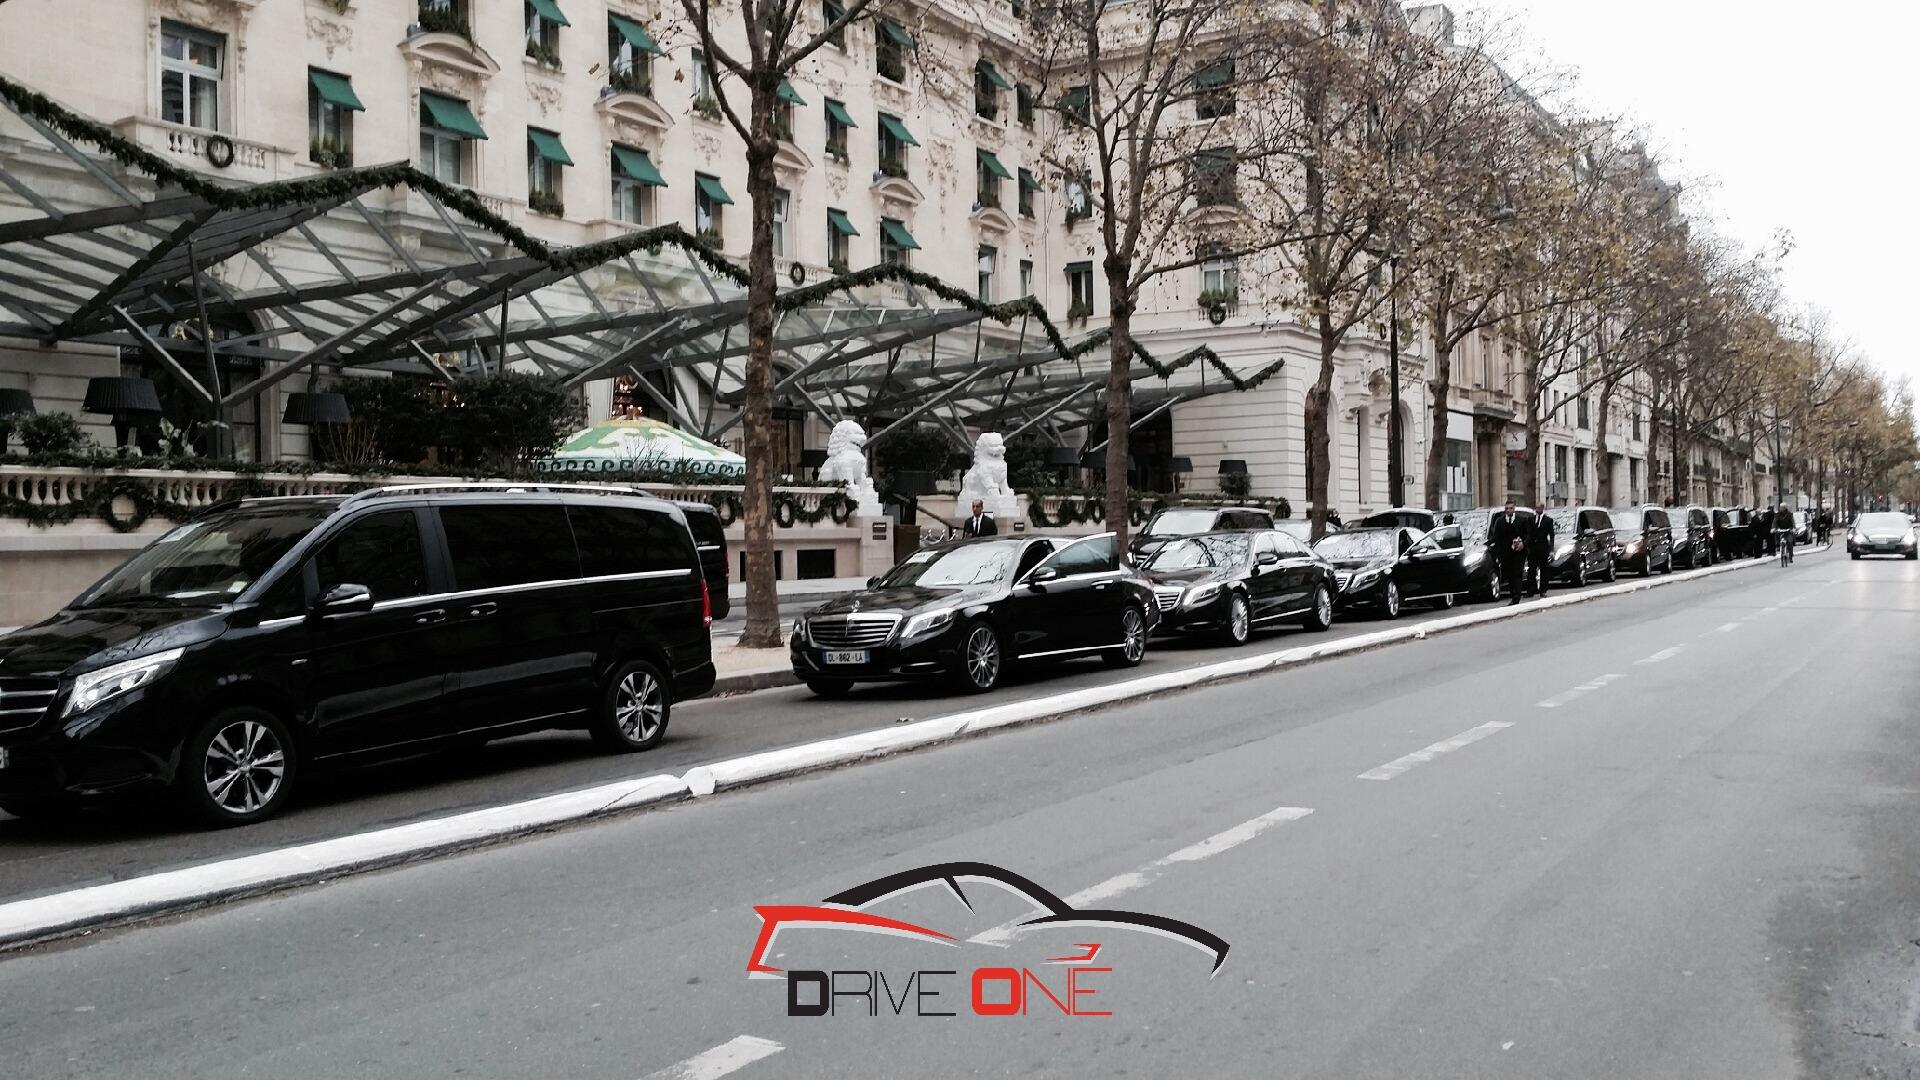 #!Drive One rpnl ecfeb